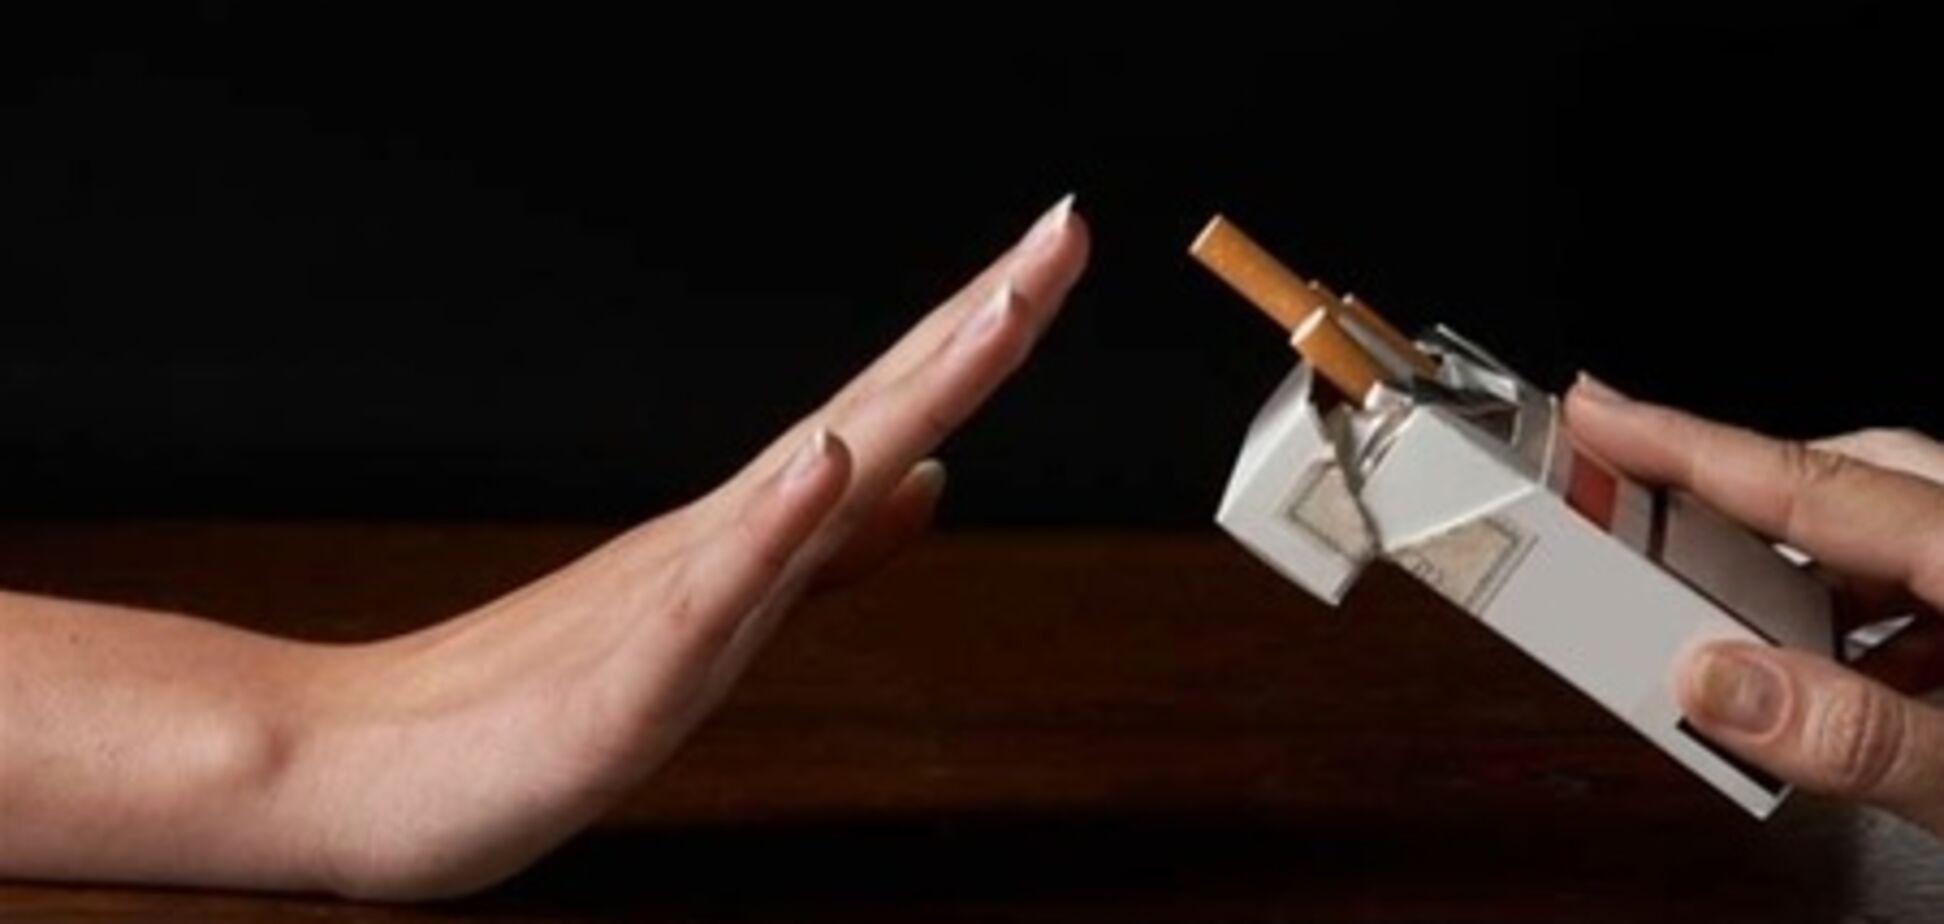 Заборона куріння: чому міліція не карає порушників. Документ